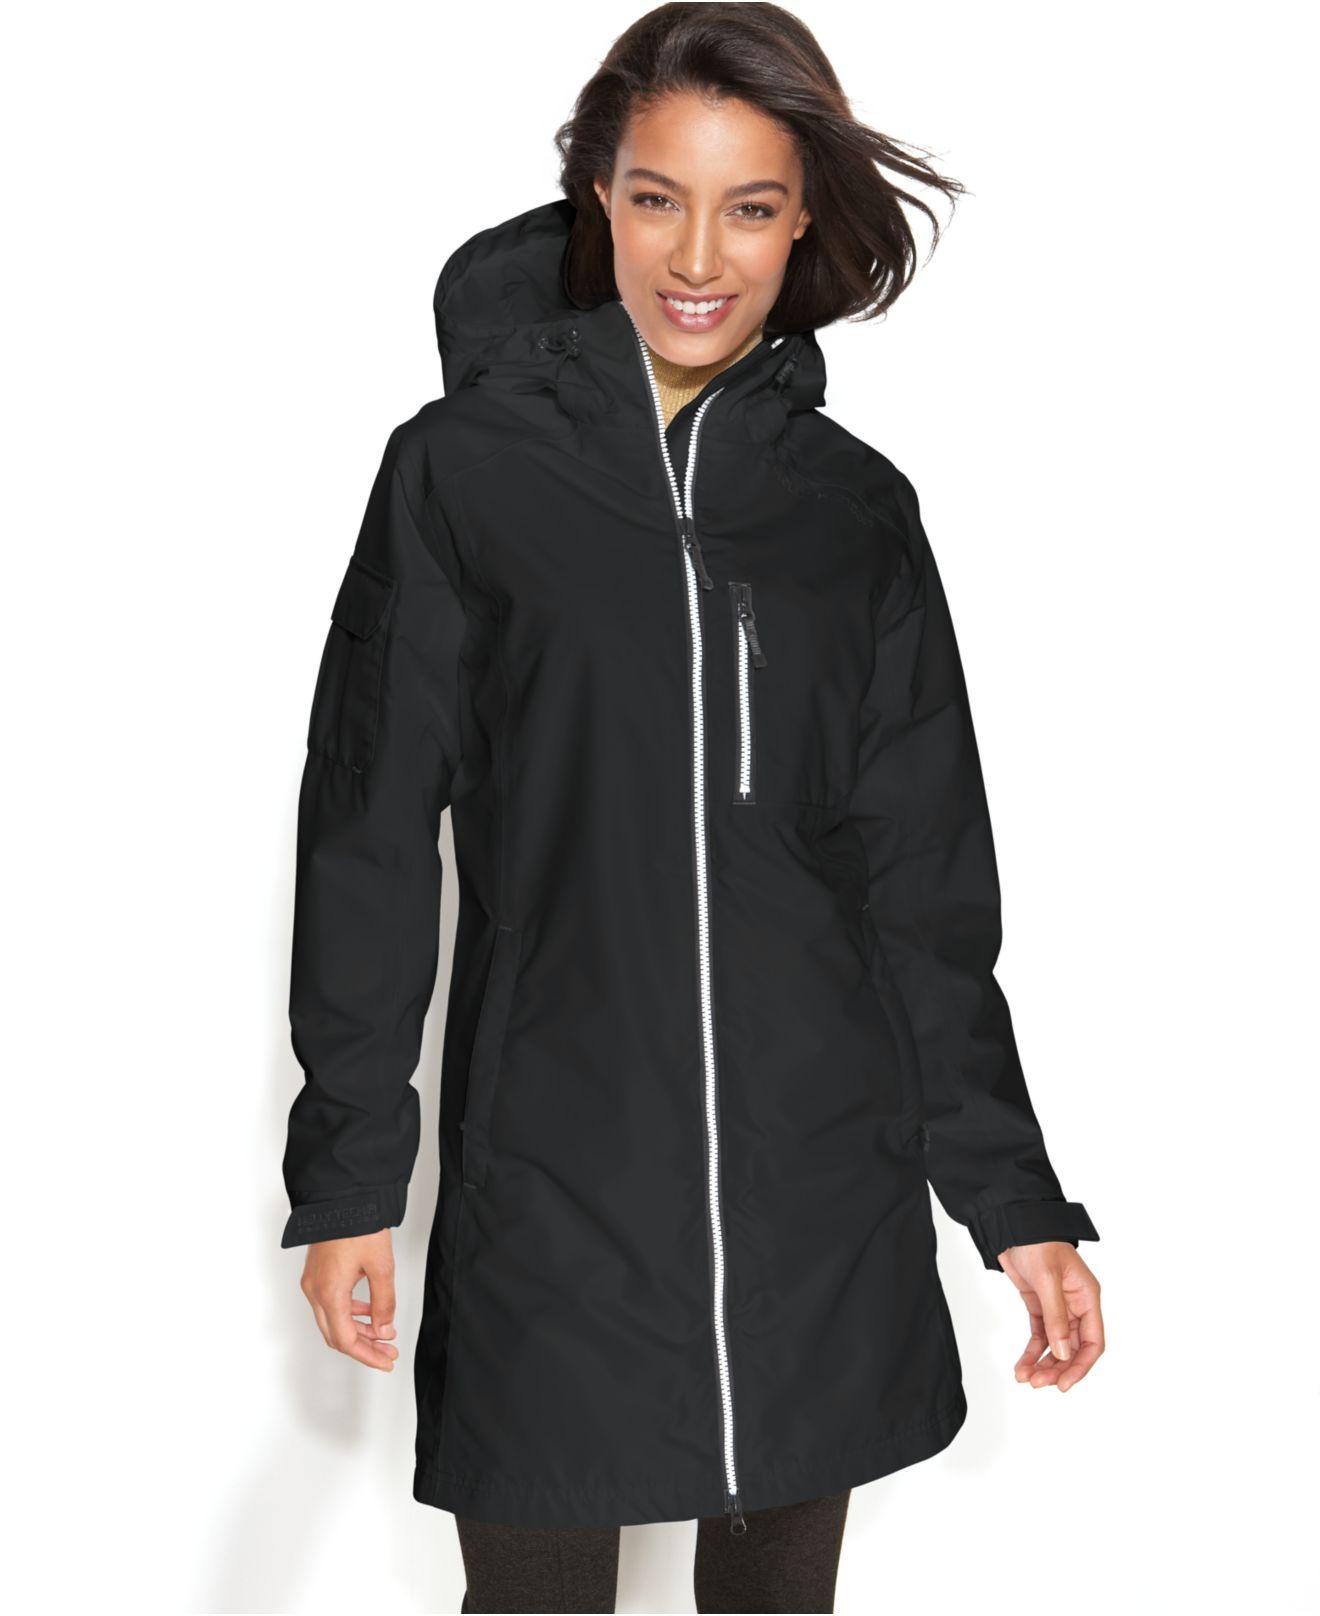 Long Black Rain Coat - Coat Nj